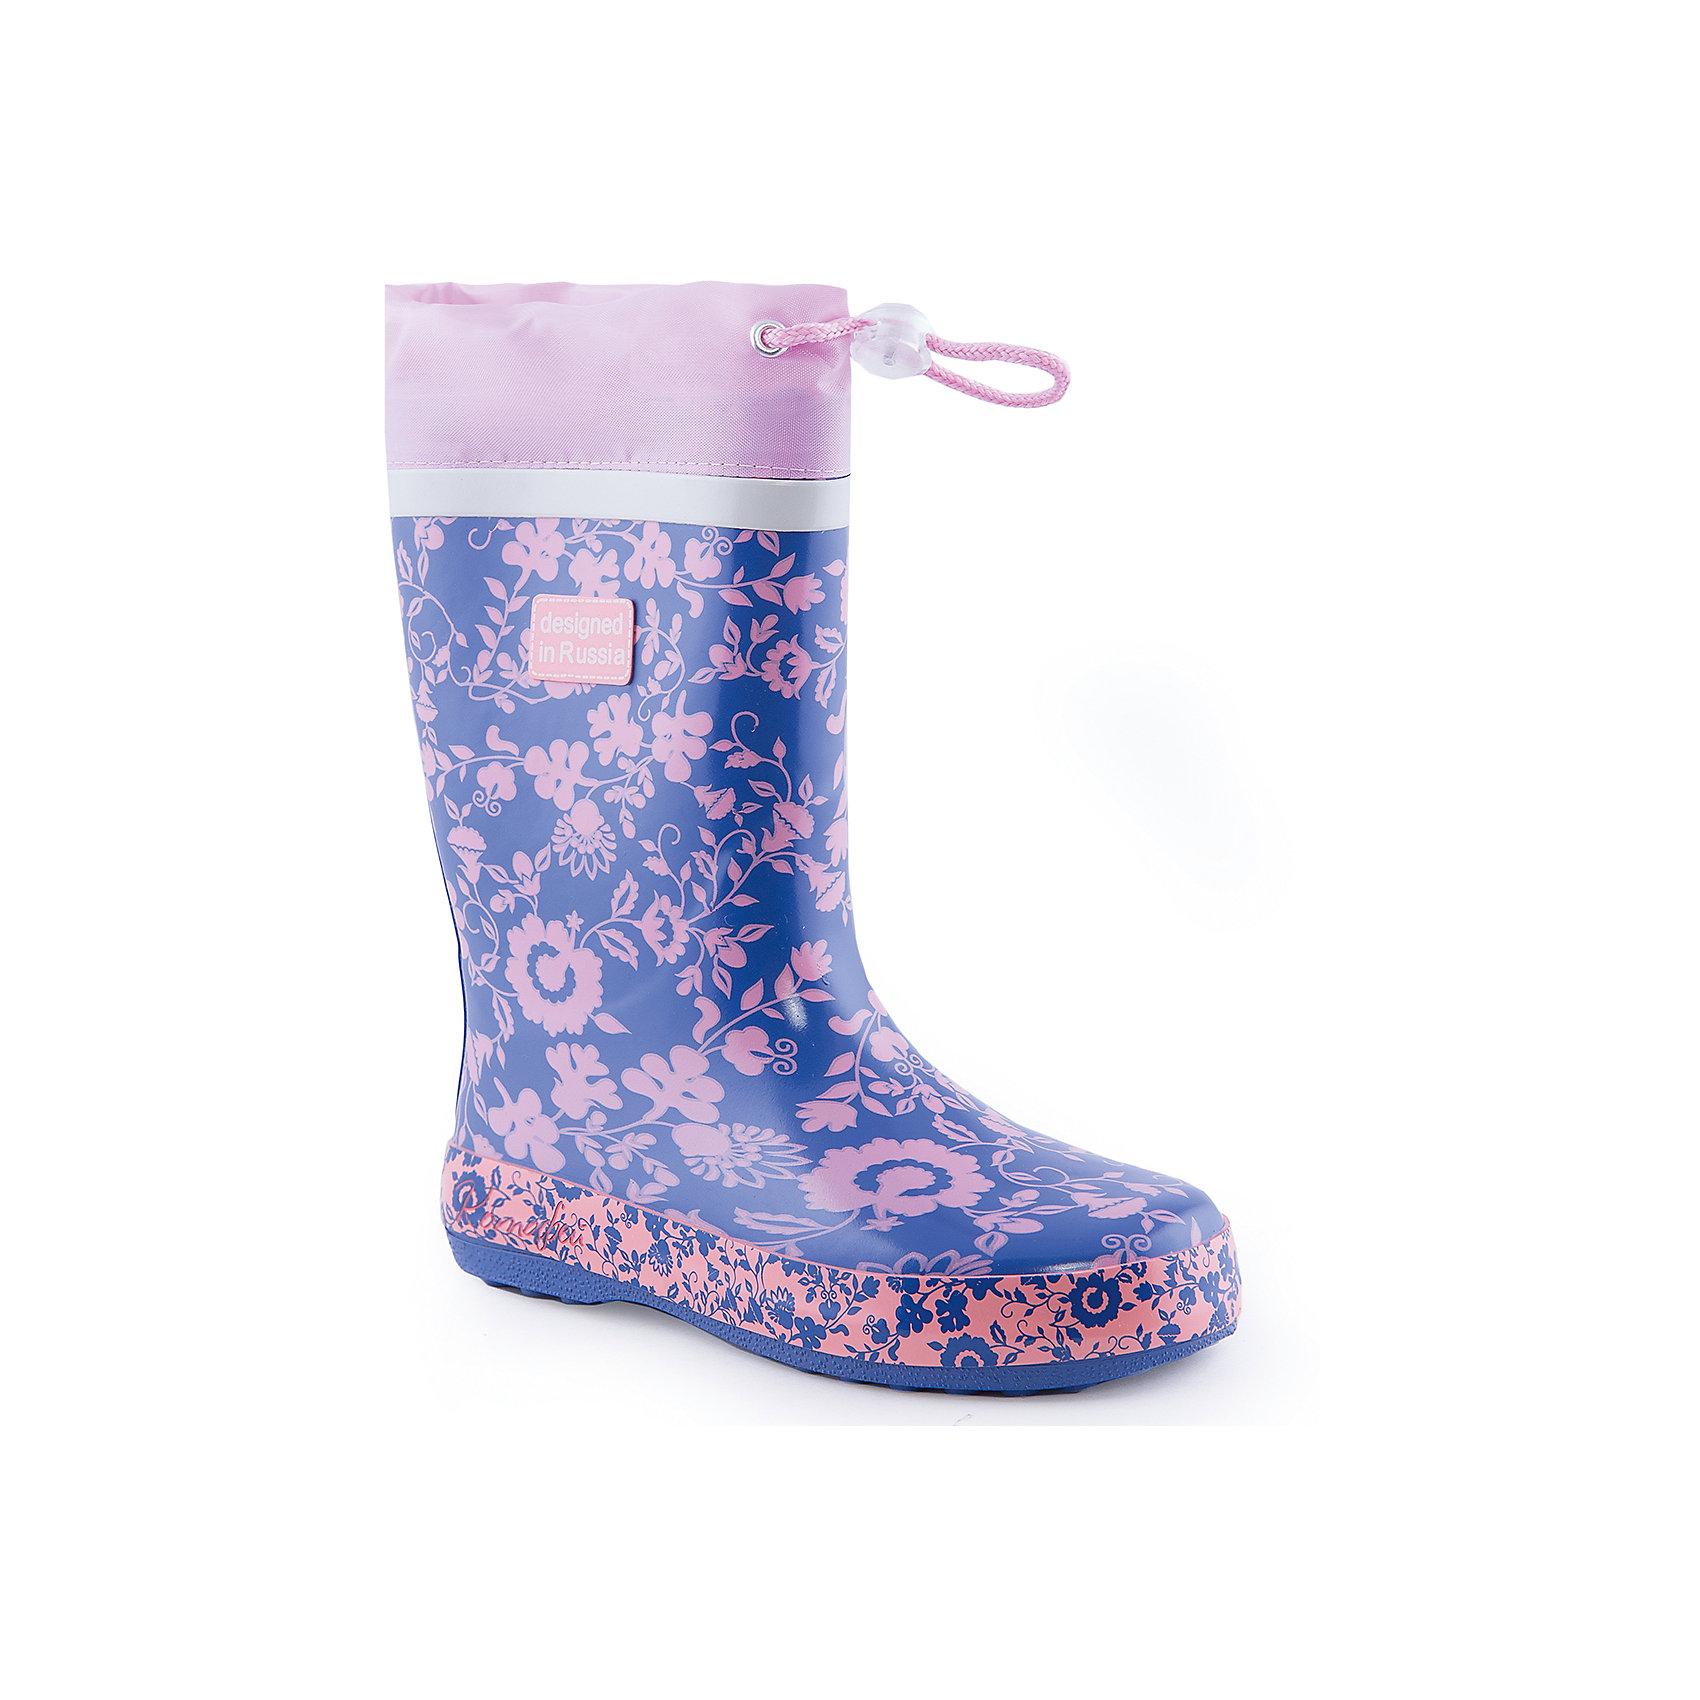 Резиновые сапоги для девочки КотофейСапожки для девочки от известного российского бренда Котофей <br><br>Яркие модные сапоги сделаны из качественной резины. Они позволят защитить ноги ребенка от сырости.<br>Высокое голенище с утяжкой защитит одежду от грязи и влаги.<br><br>Отличительные особенности модели:<br><br>- цвет: розовый, синий;<br>- удобная колодка;<br>- утяжка со стоппером на голенище;<br>- качественные материалы;<br>- толстая устойчивая подошва;<br>- сделаны с помощью горячей вулканизации;<br>- текстильная подкладка;<br>- декорированы принтом.<br><br>Дополнительная информация:<br><br>Температурный режим: от +5° С до +25° С.<br><br>Состав:<br>верх - резина;<br>подкладка - текстиль;<br>подошва - резина.<br><br>Сапожки для девочки Котофей можно купить в нашем магазине.<br><br>Ширина мм: 257<br>Глубина мм: 180<br>Высота мм: 130<br>Вес г: 420<br>Цвет: синий<br>Возраст от месяцев: 72<br>Возраст до месяцев: 84<br>Пол: Женский<br>Возраст: Детский<br>Размер: 30,35,34,33,32,31<br>SKU: 4565906